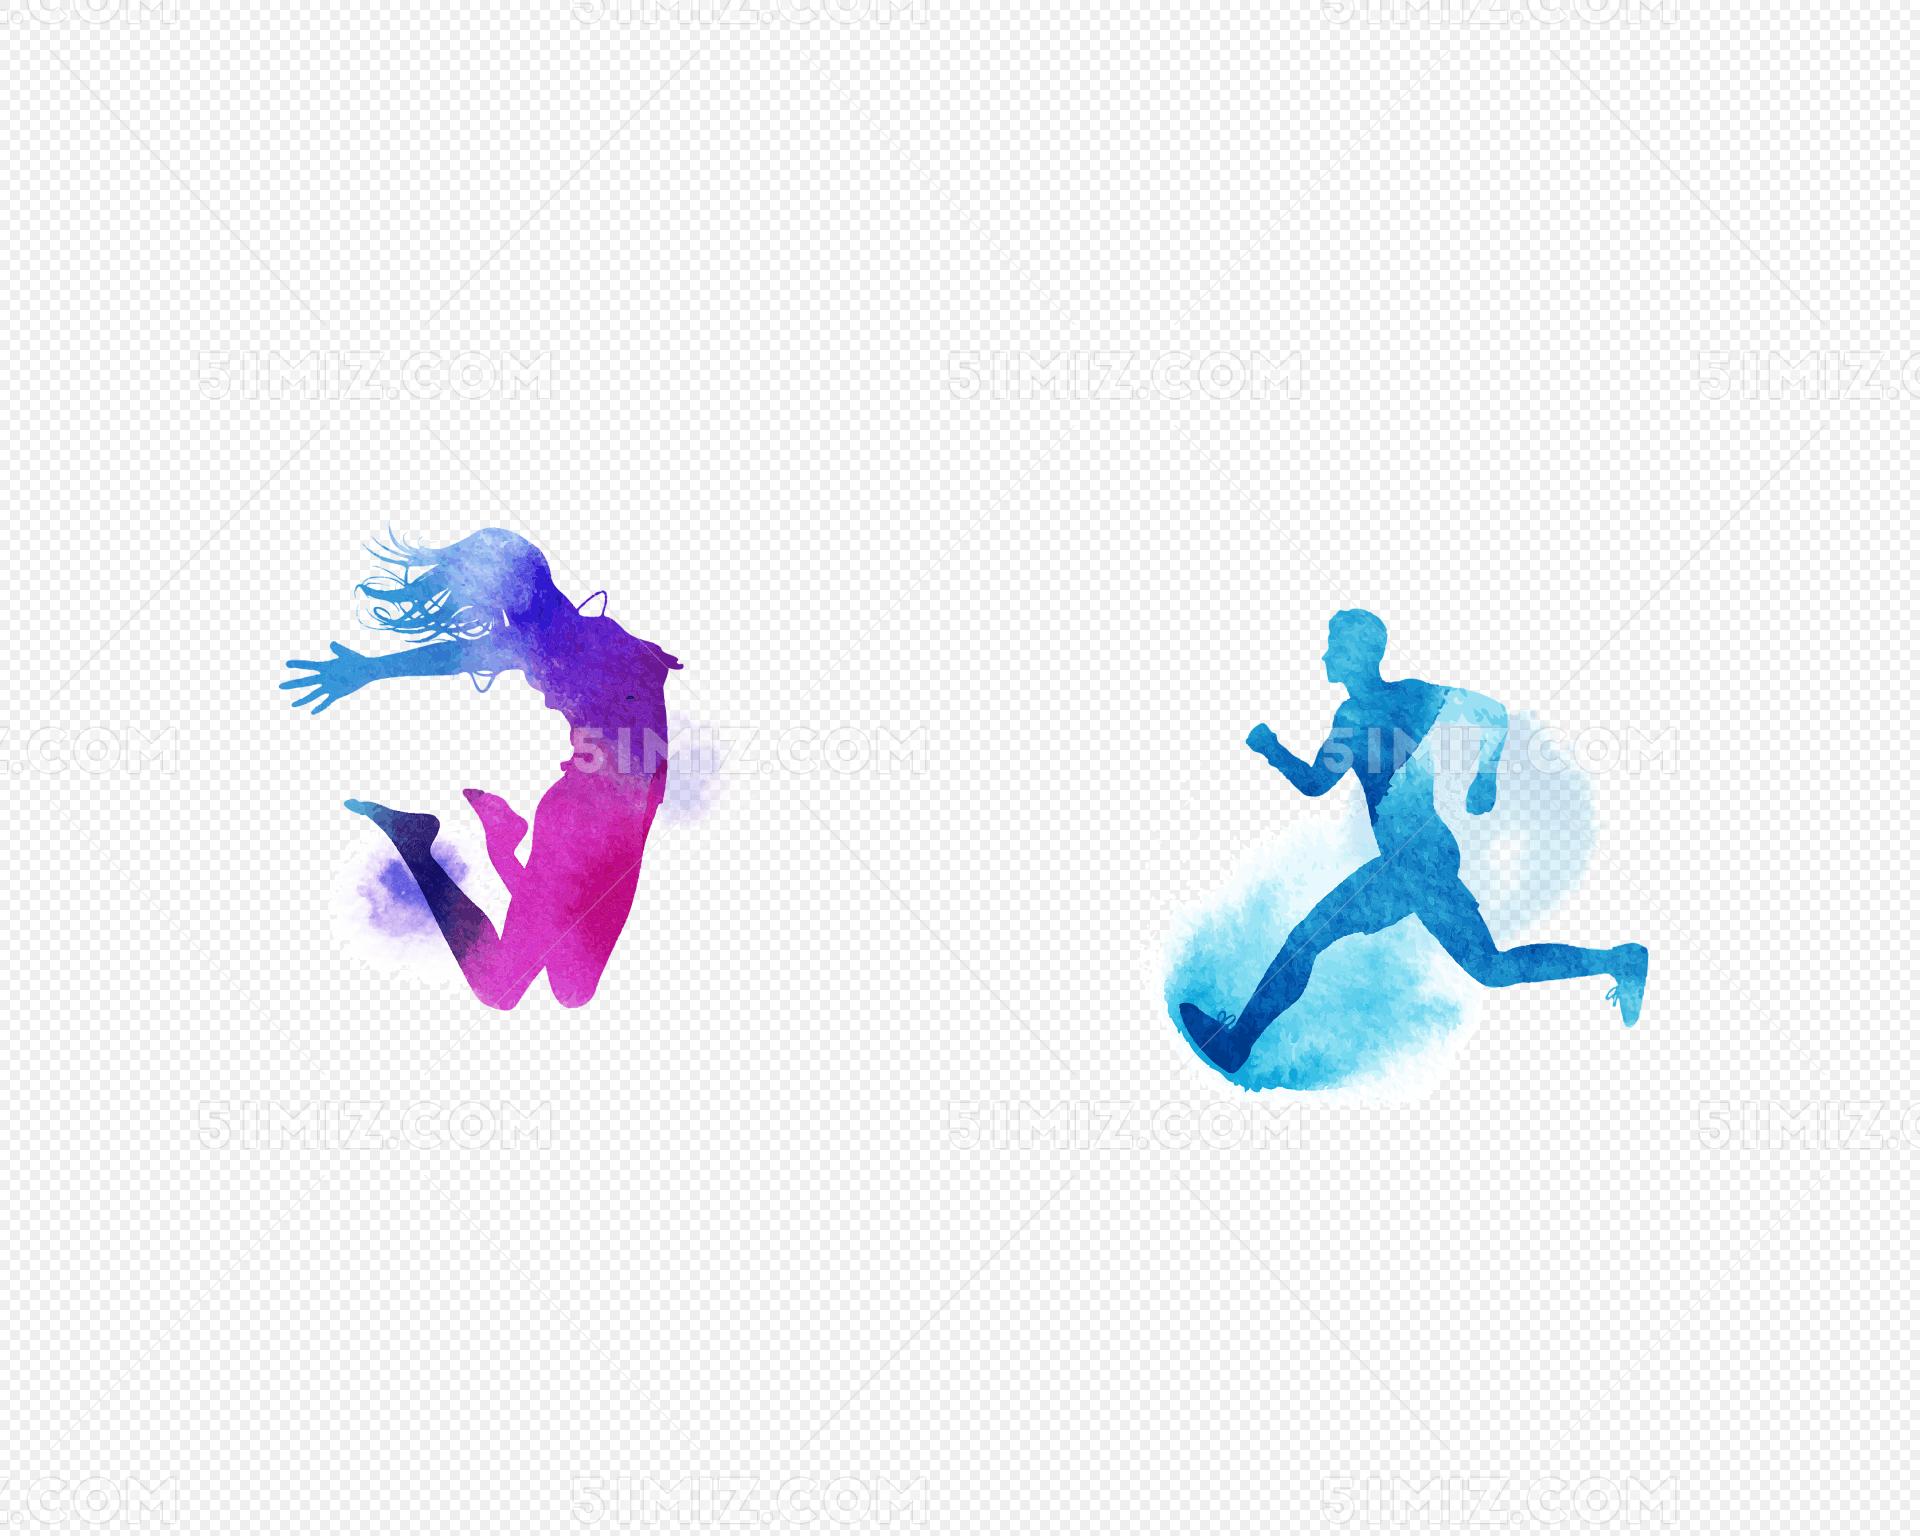 奔跑跳跃运动人免费下载_png素材_觅知网